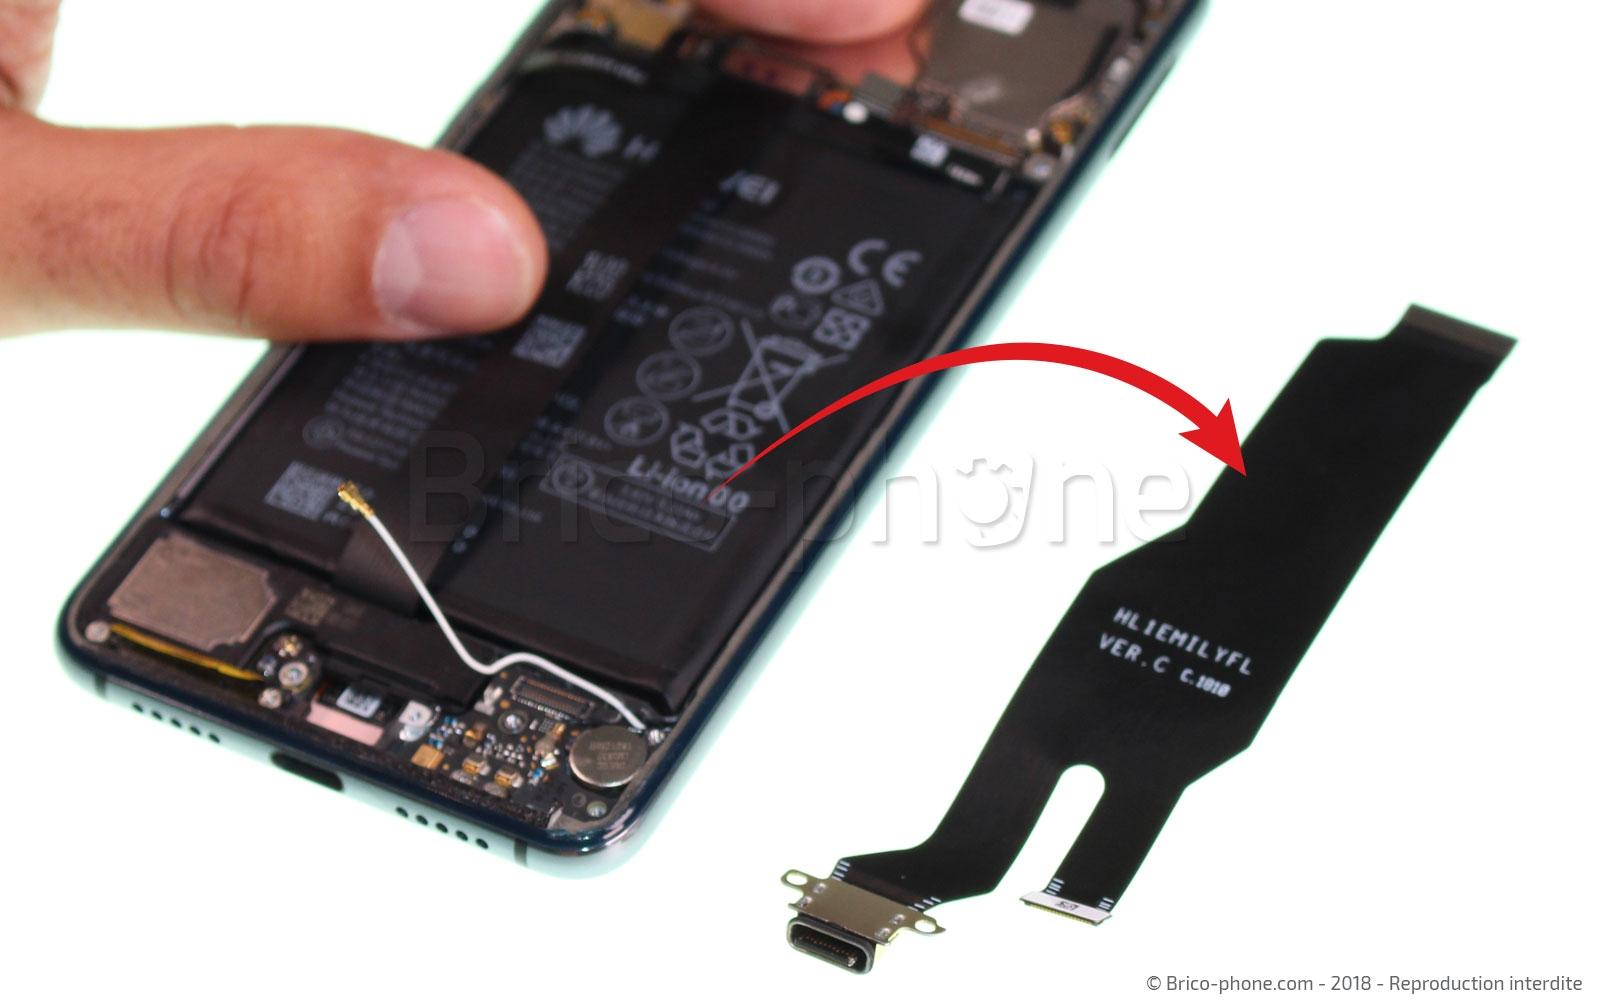 Etape 8 : Retirer la nappe USB/interconnexion